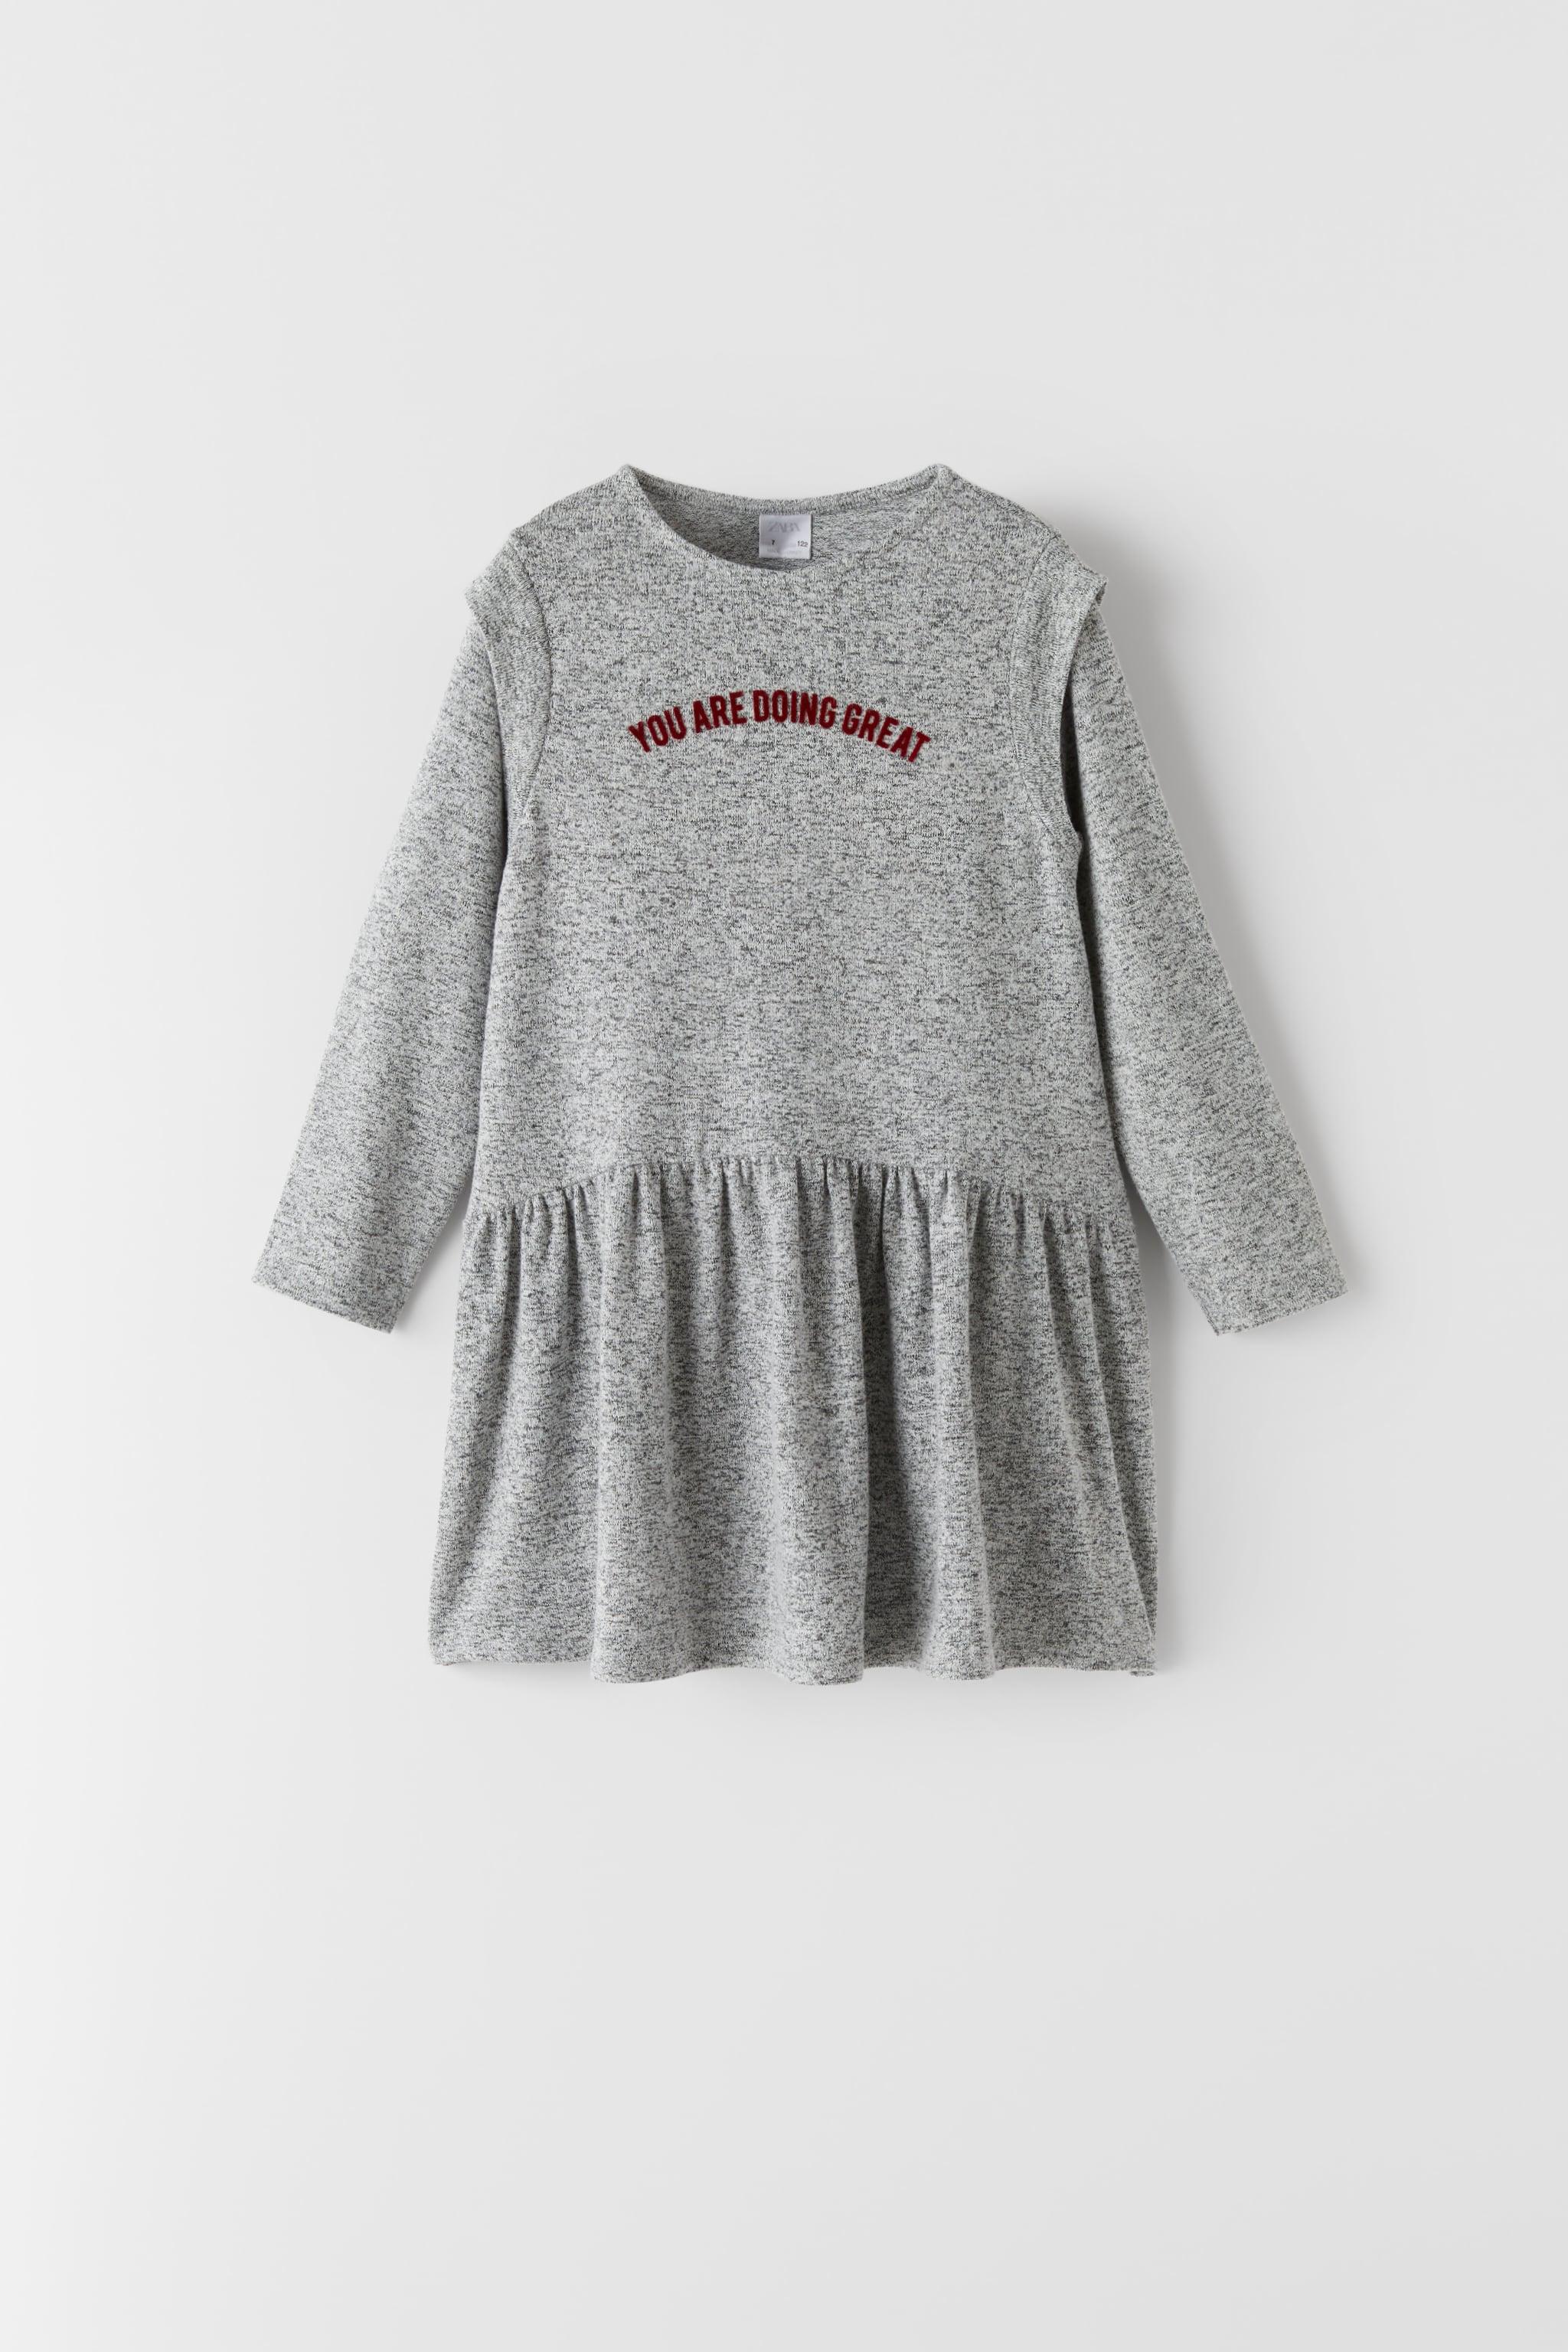 Zara SOFT TOUCH TEXT DETAIL DRESS